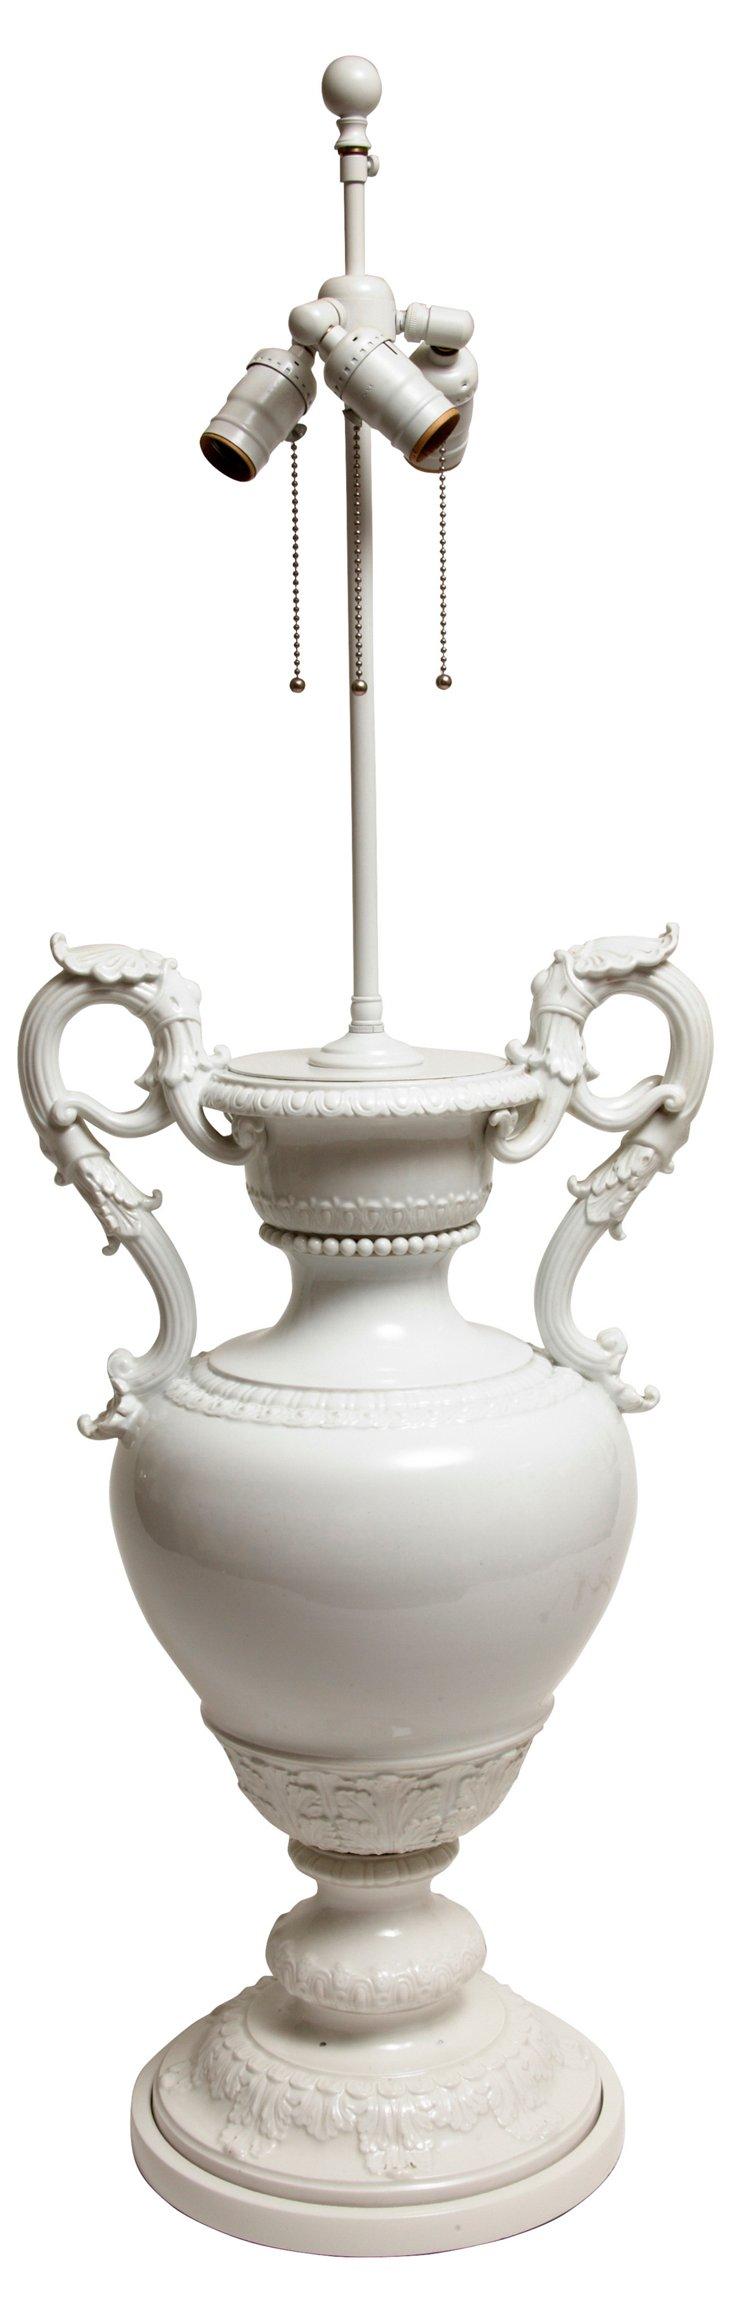 19th-C. Meissen Urn Lamp